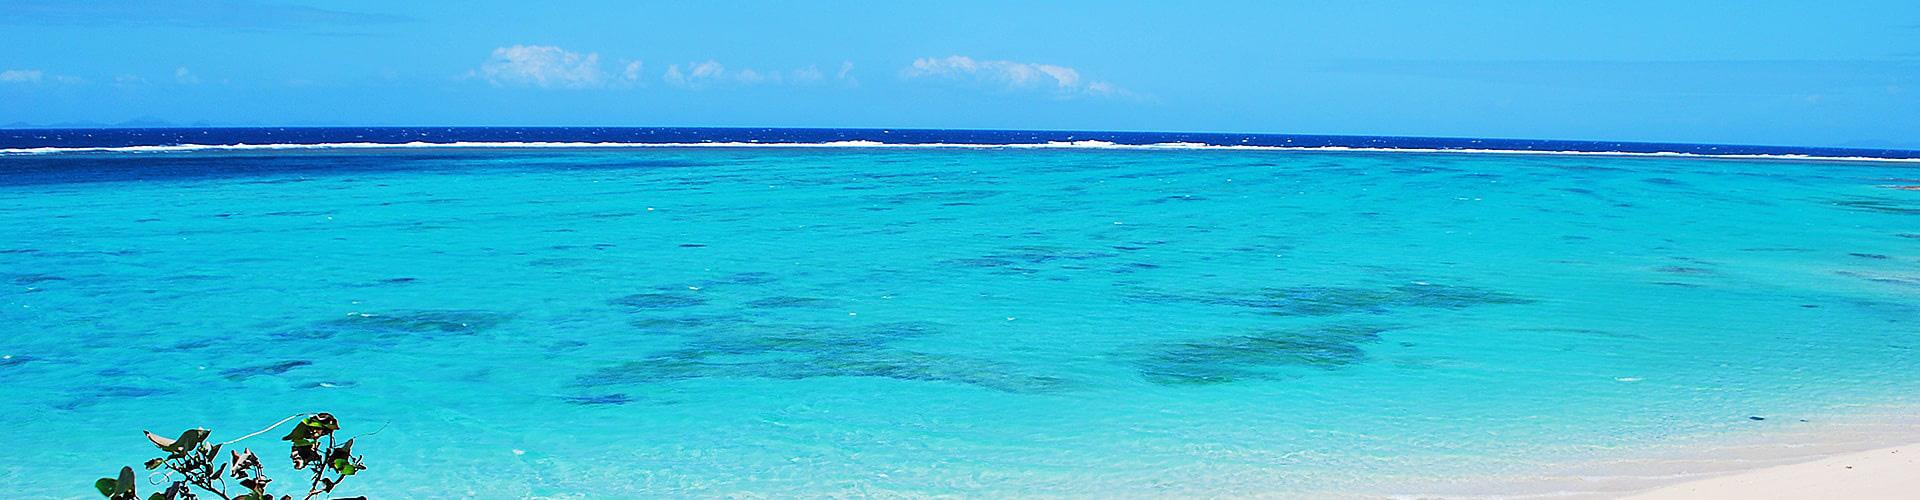 沖縄北部の宿 今帰仁村のVillaあお 海も近くの宿泊施設